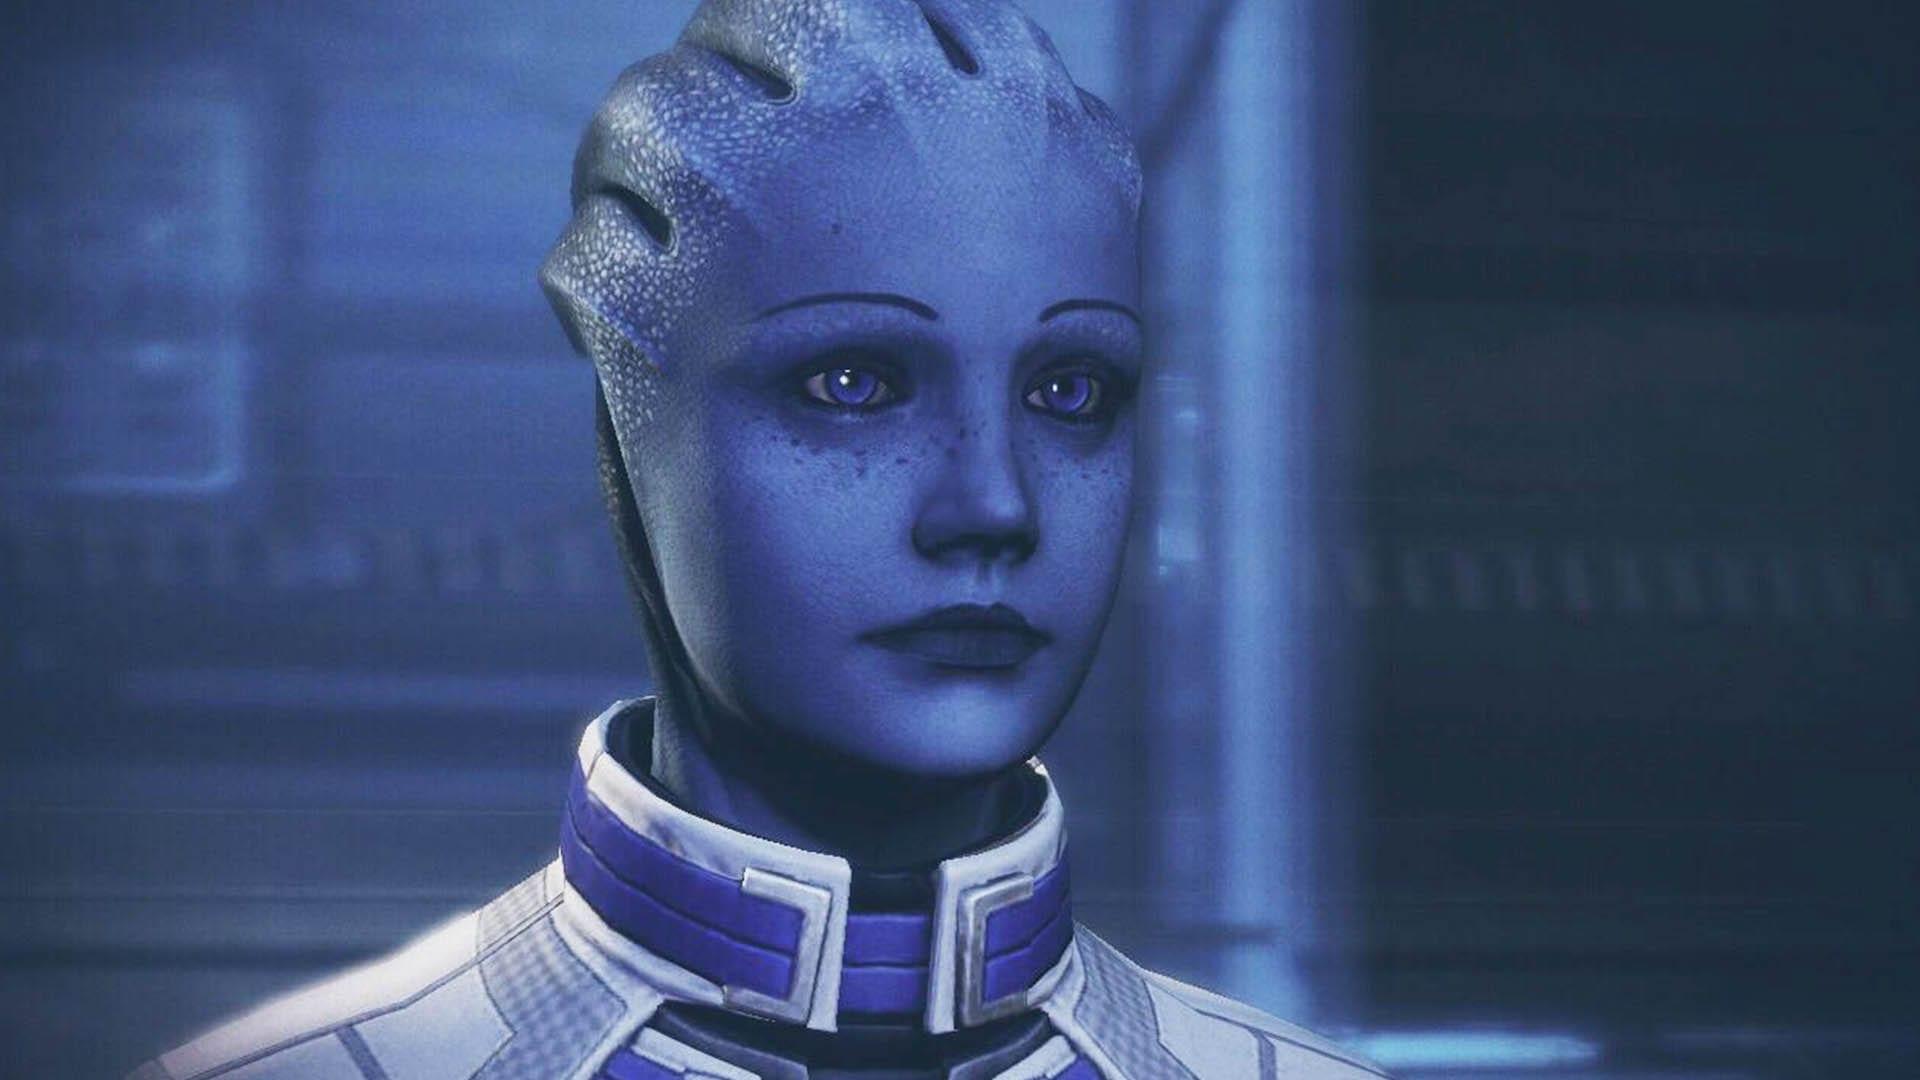 Romanzen Mass Effect 2 - Liara